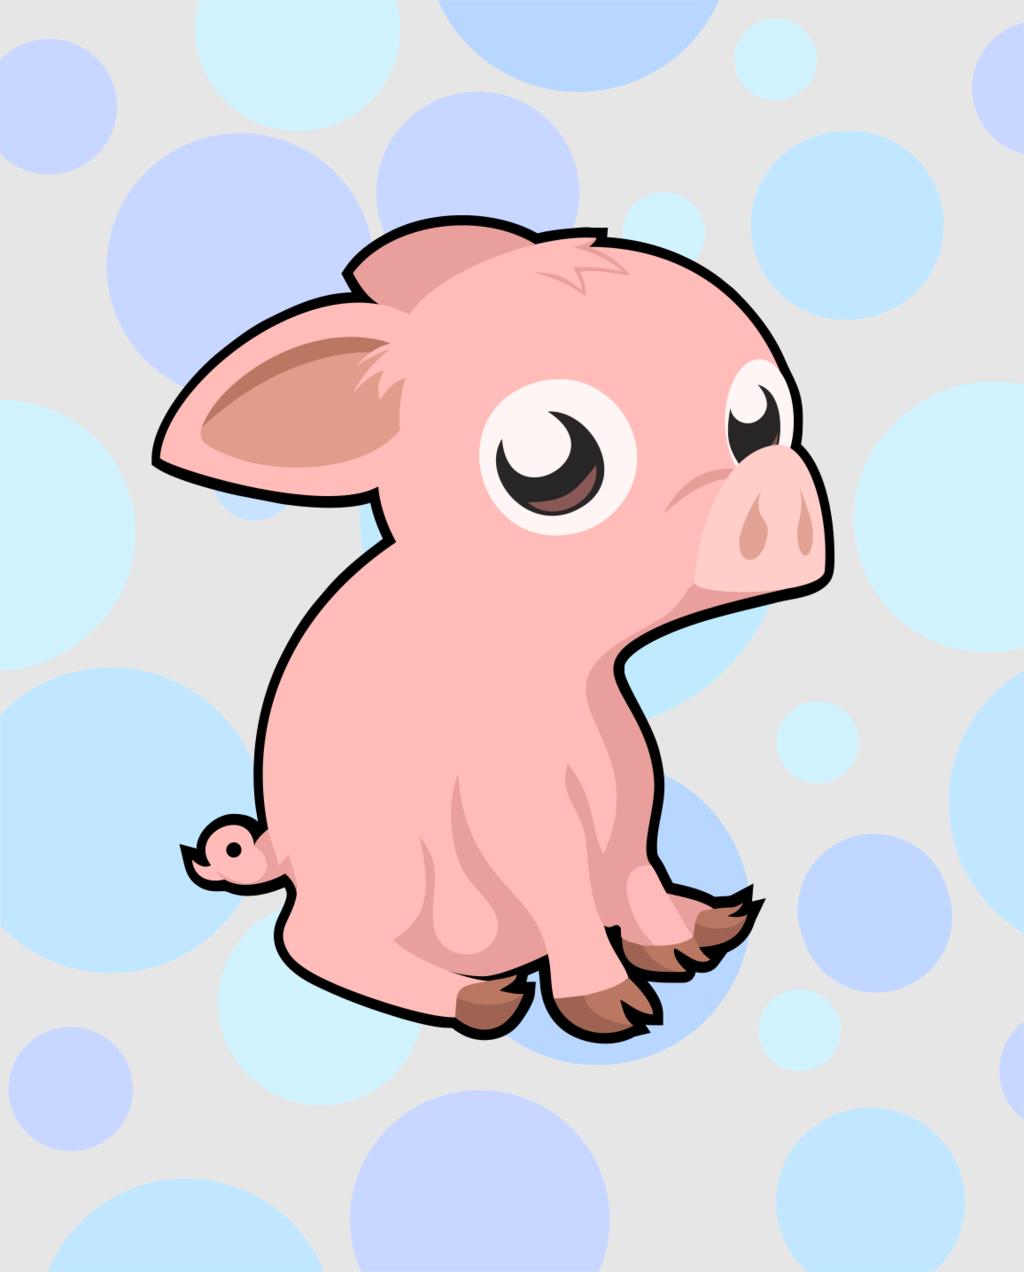 Cute Little Critter